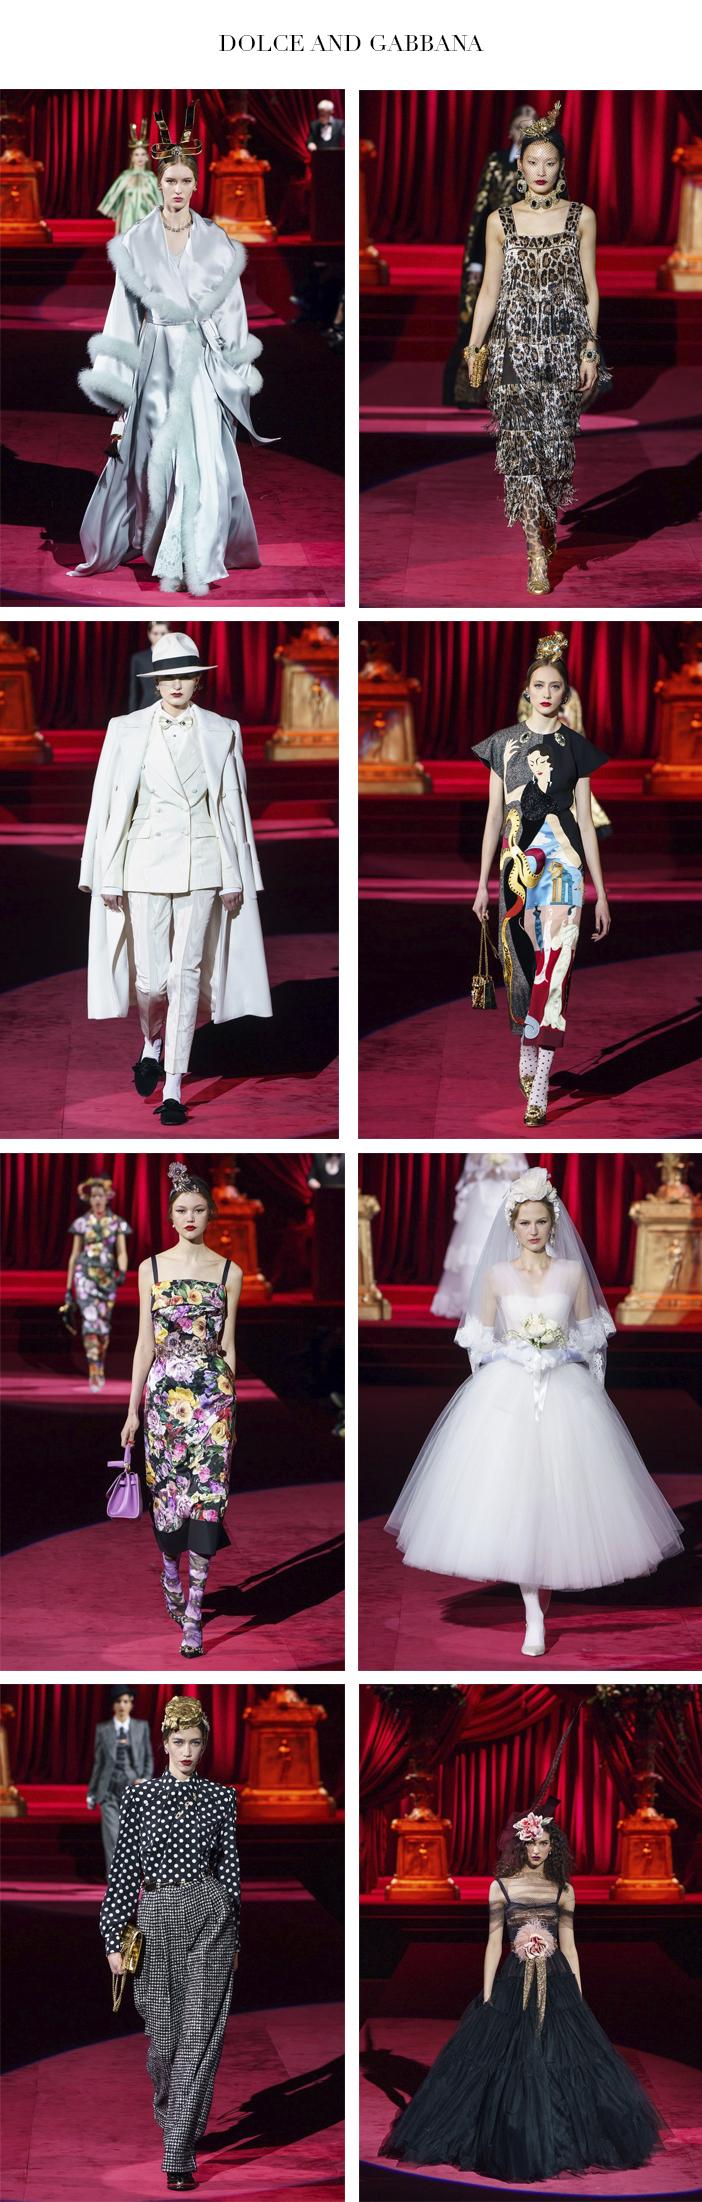 Semana de Moda de Milão - Inverno 2019 - Parte 2 - Dolce and Gabbana